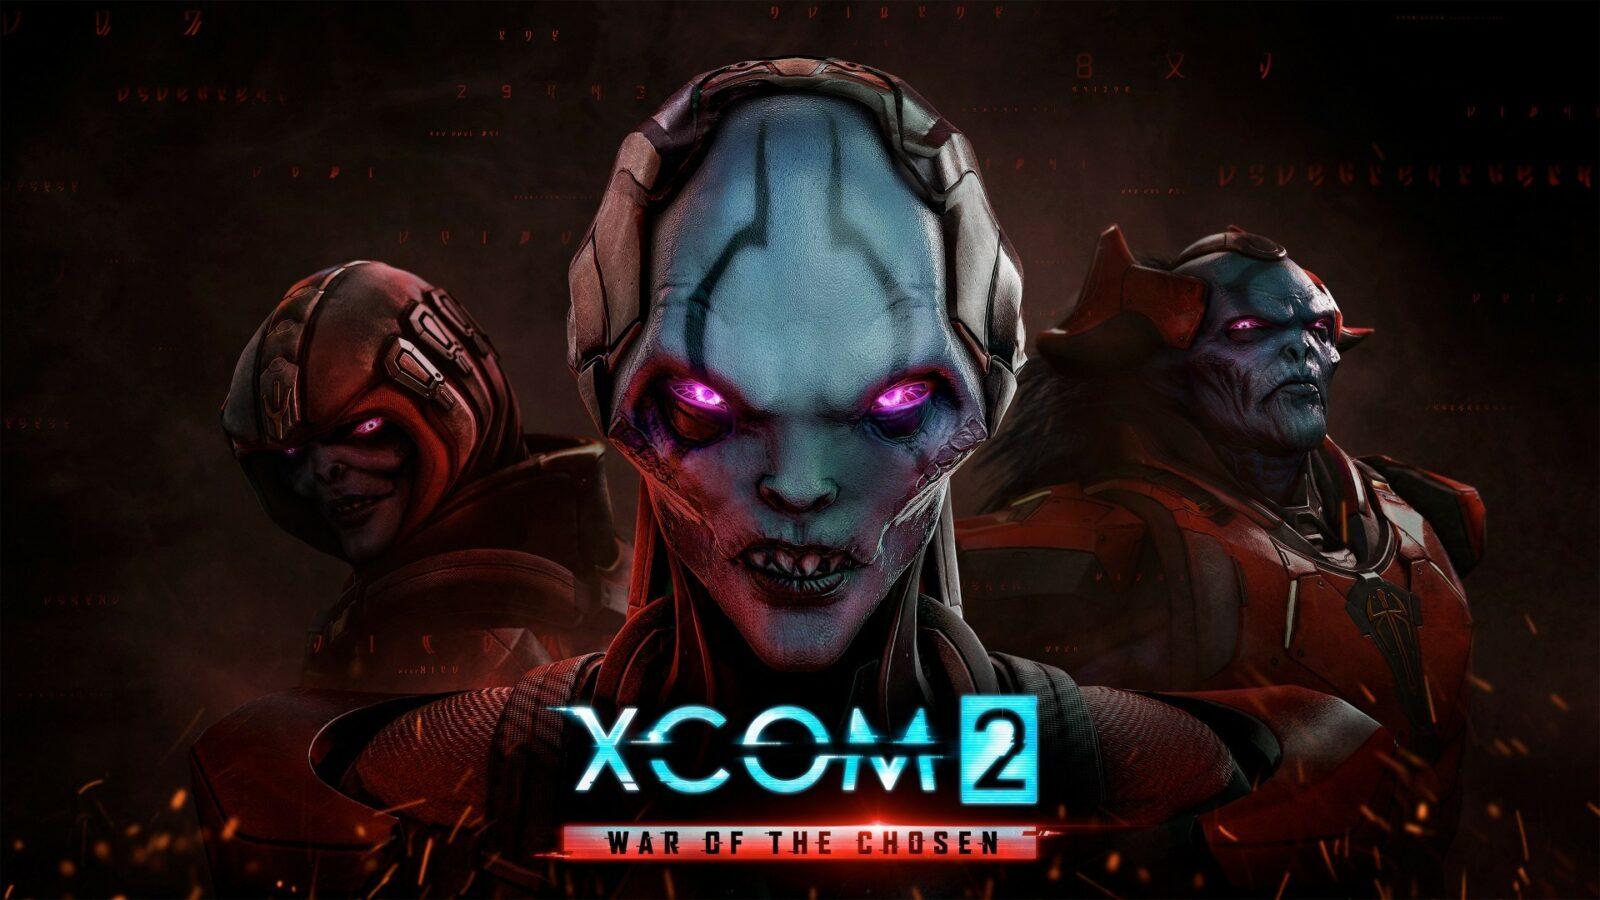 Оружие в игре XCOM 2: War of the Chosen